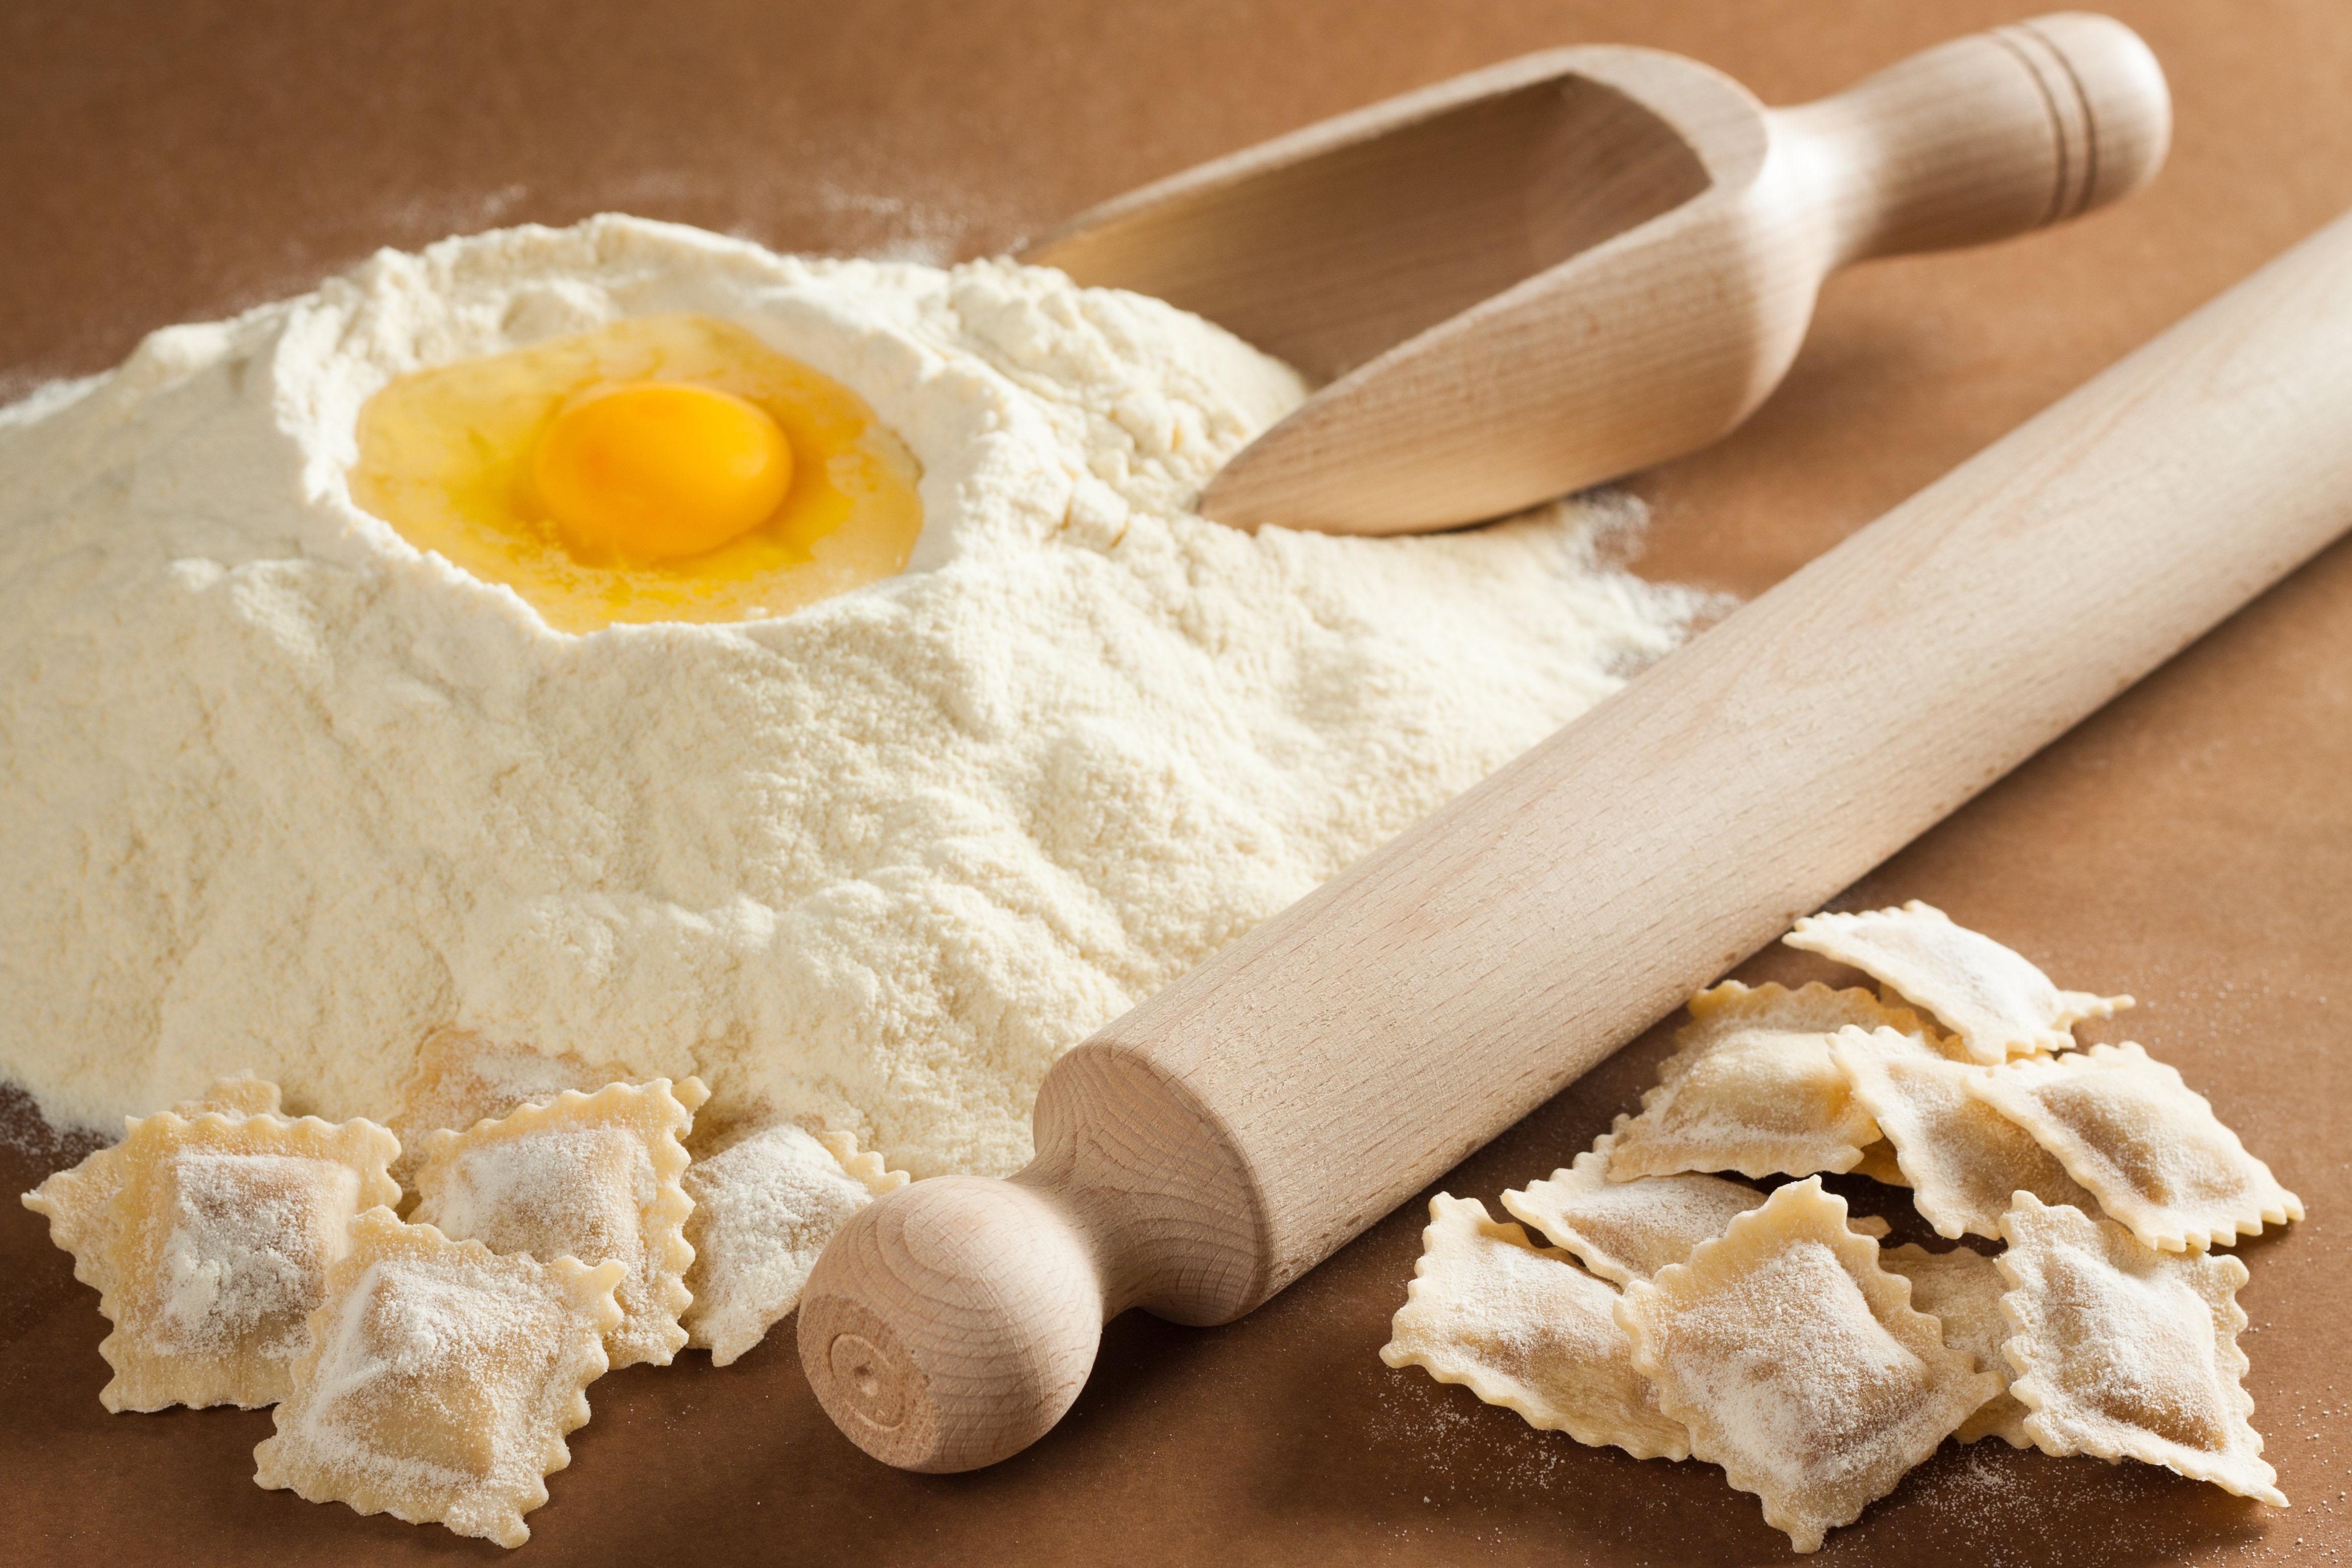 On adore - Blog La Foir'Fouille - 3 recettes de raviolis maison